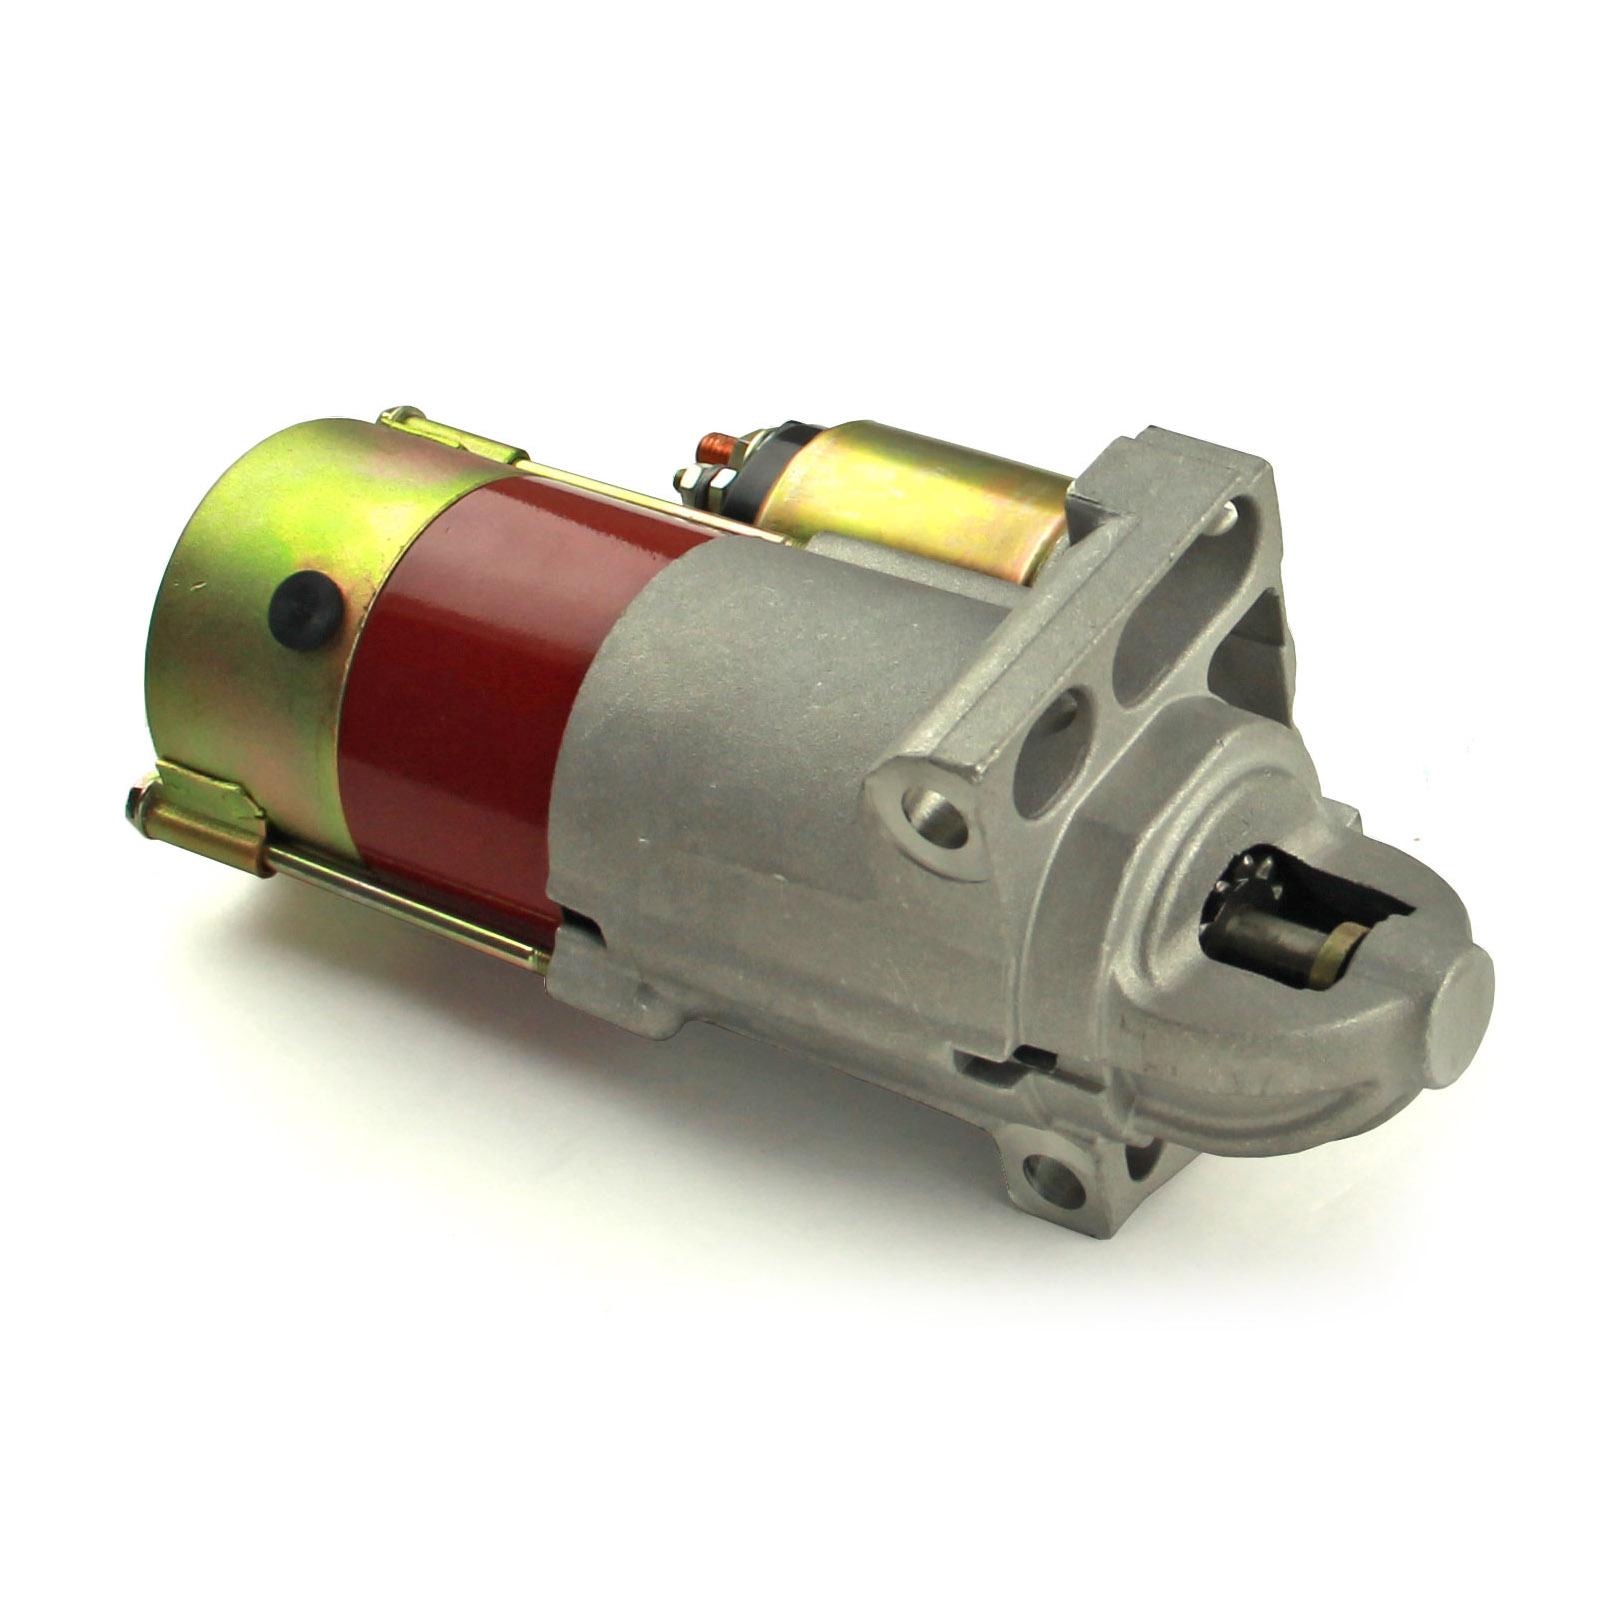 Chevy-LS1-LS2-LS6-LS7-High-Torque-Starter-Motor